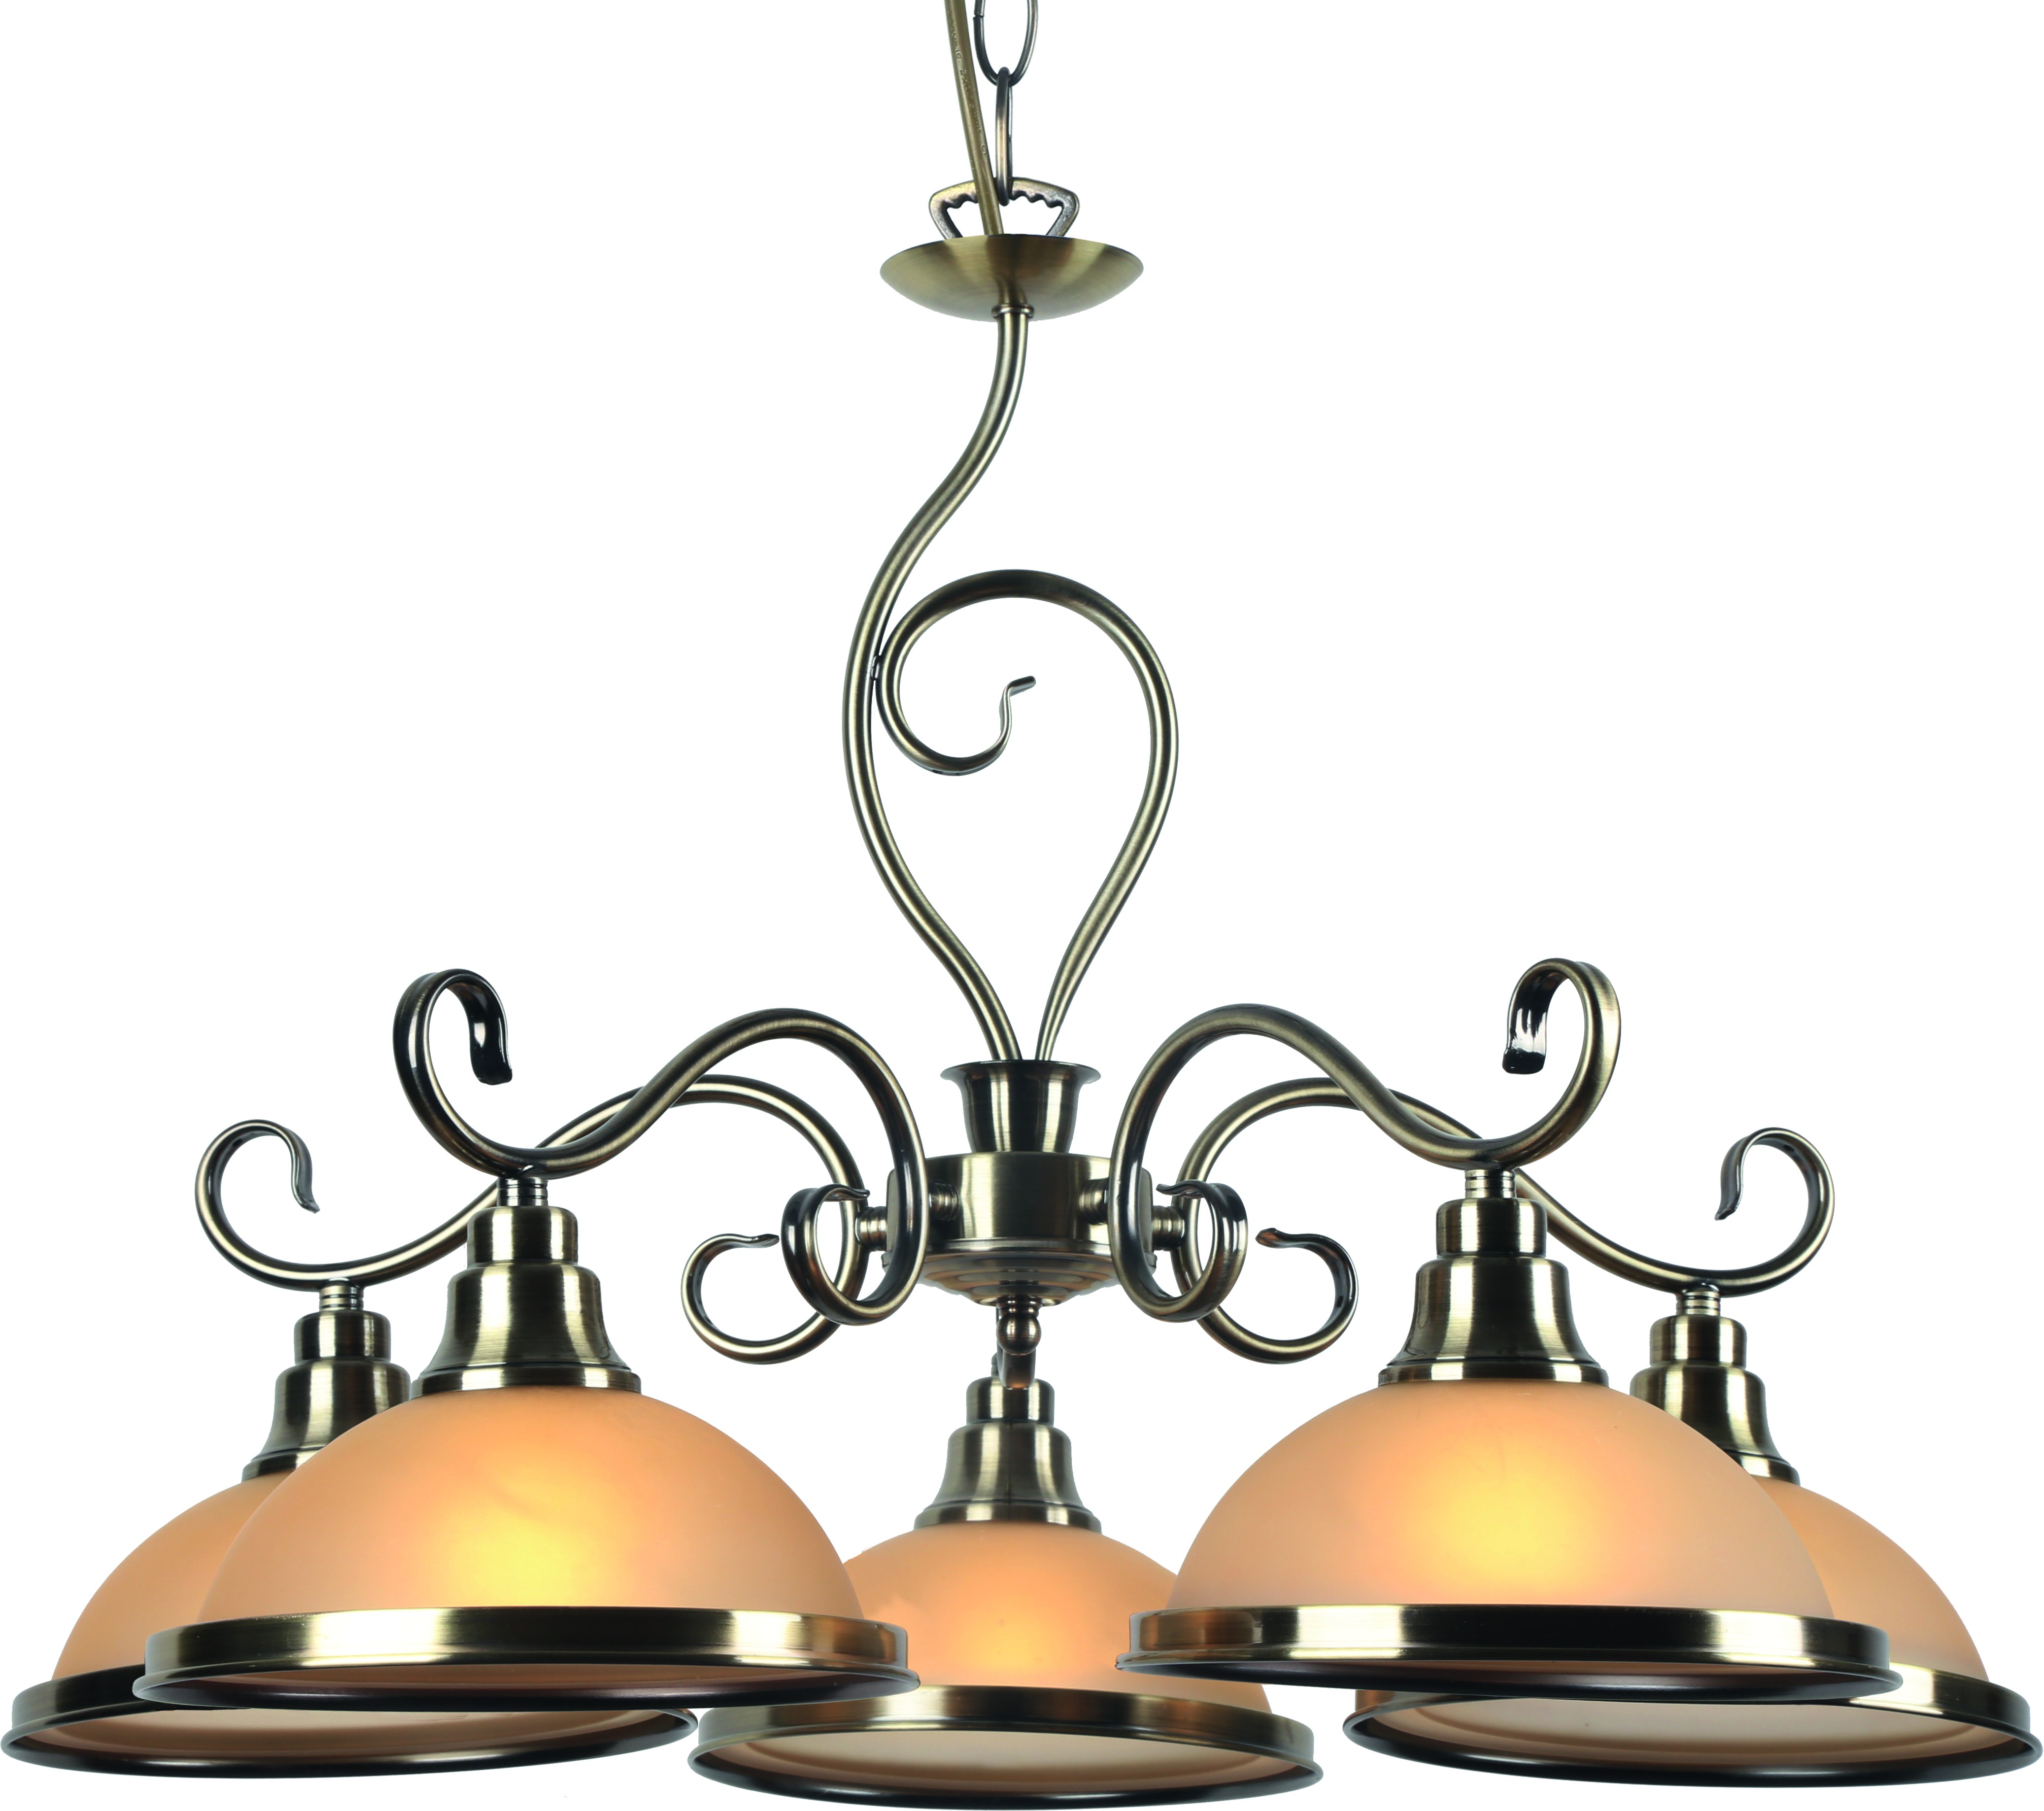 Люстра Arte lamp A6905lm-5ab arte lamp люстра arte lamp a7556pl 5ab